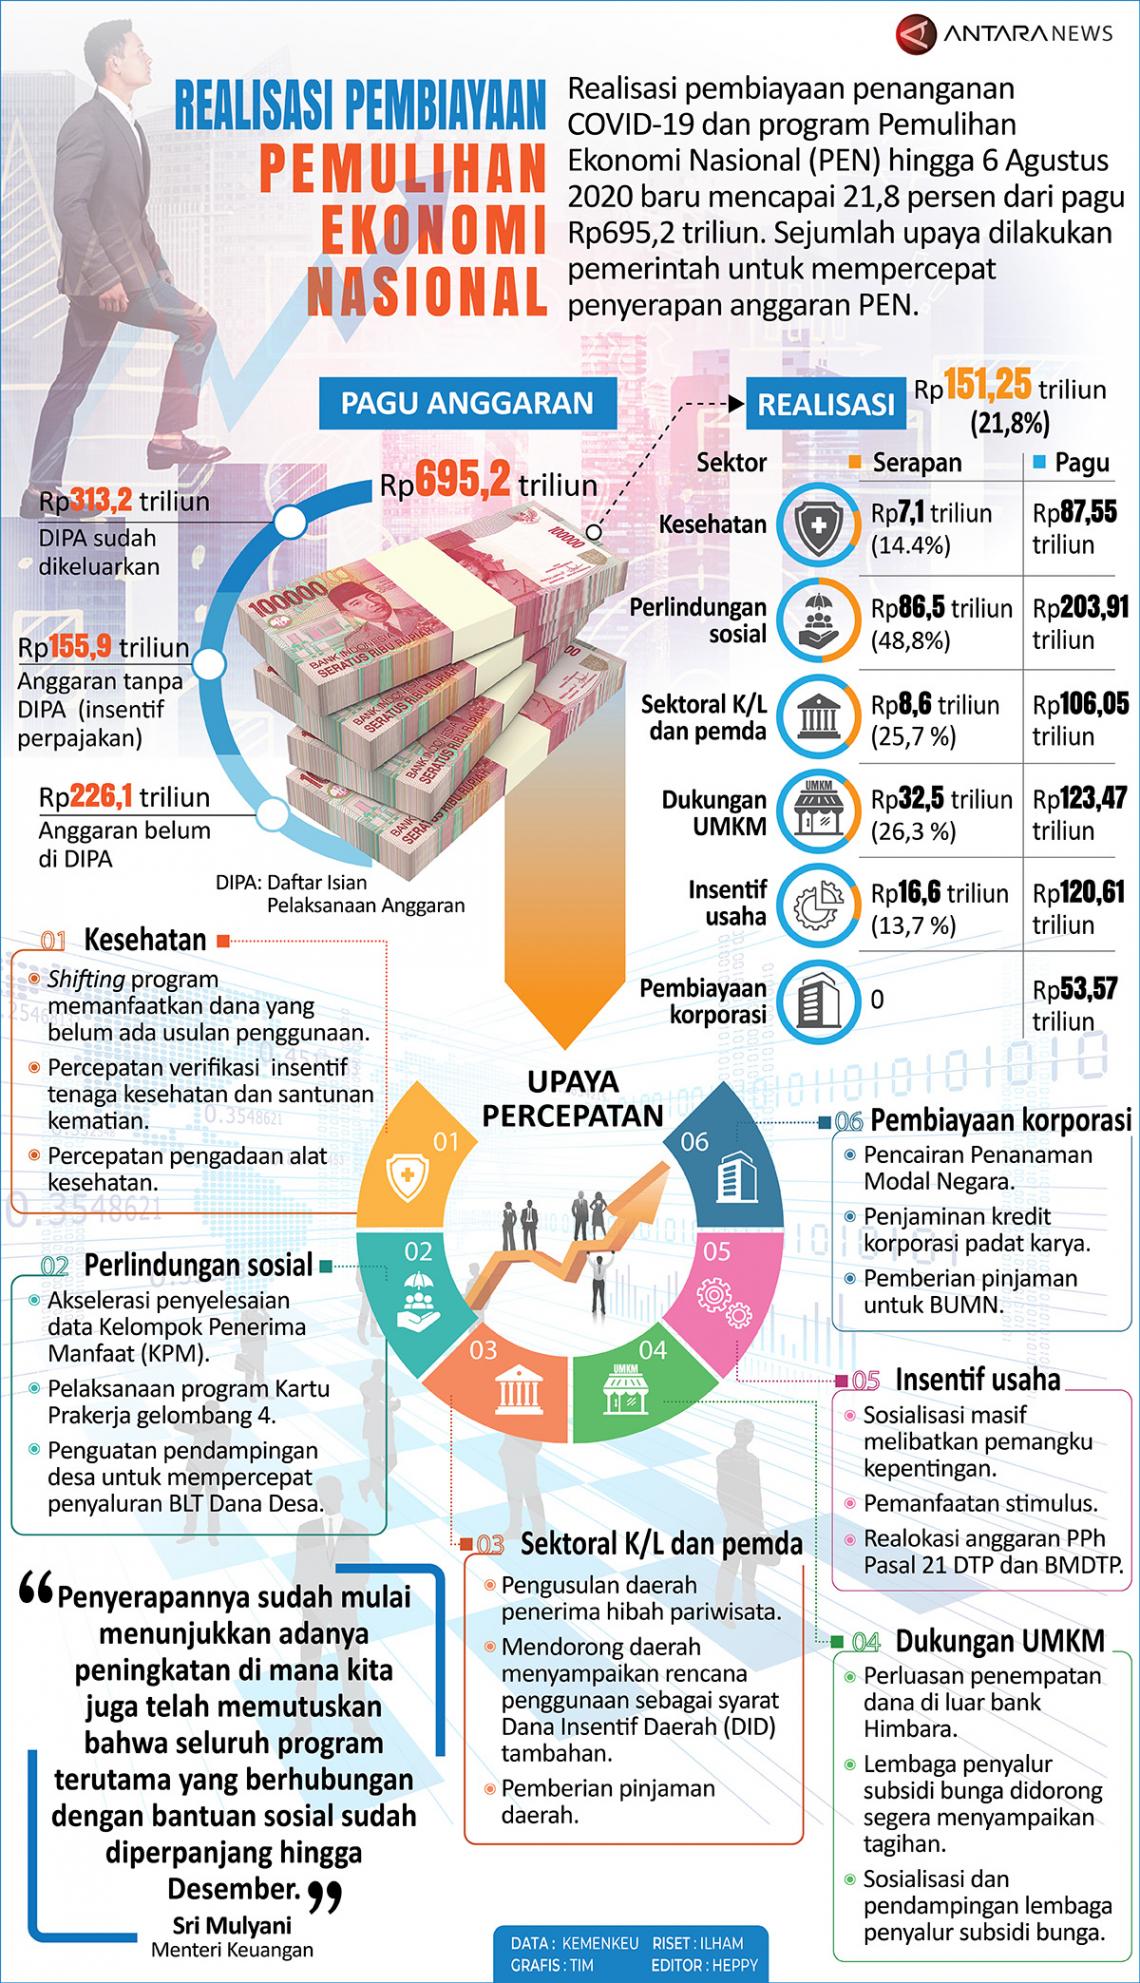 Realisasi pembiayaan Pemulihan Ekonomi Nasional